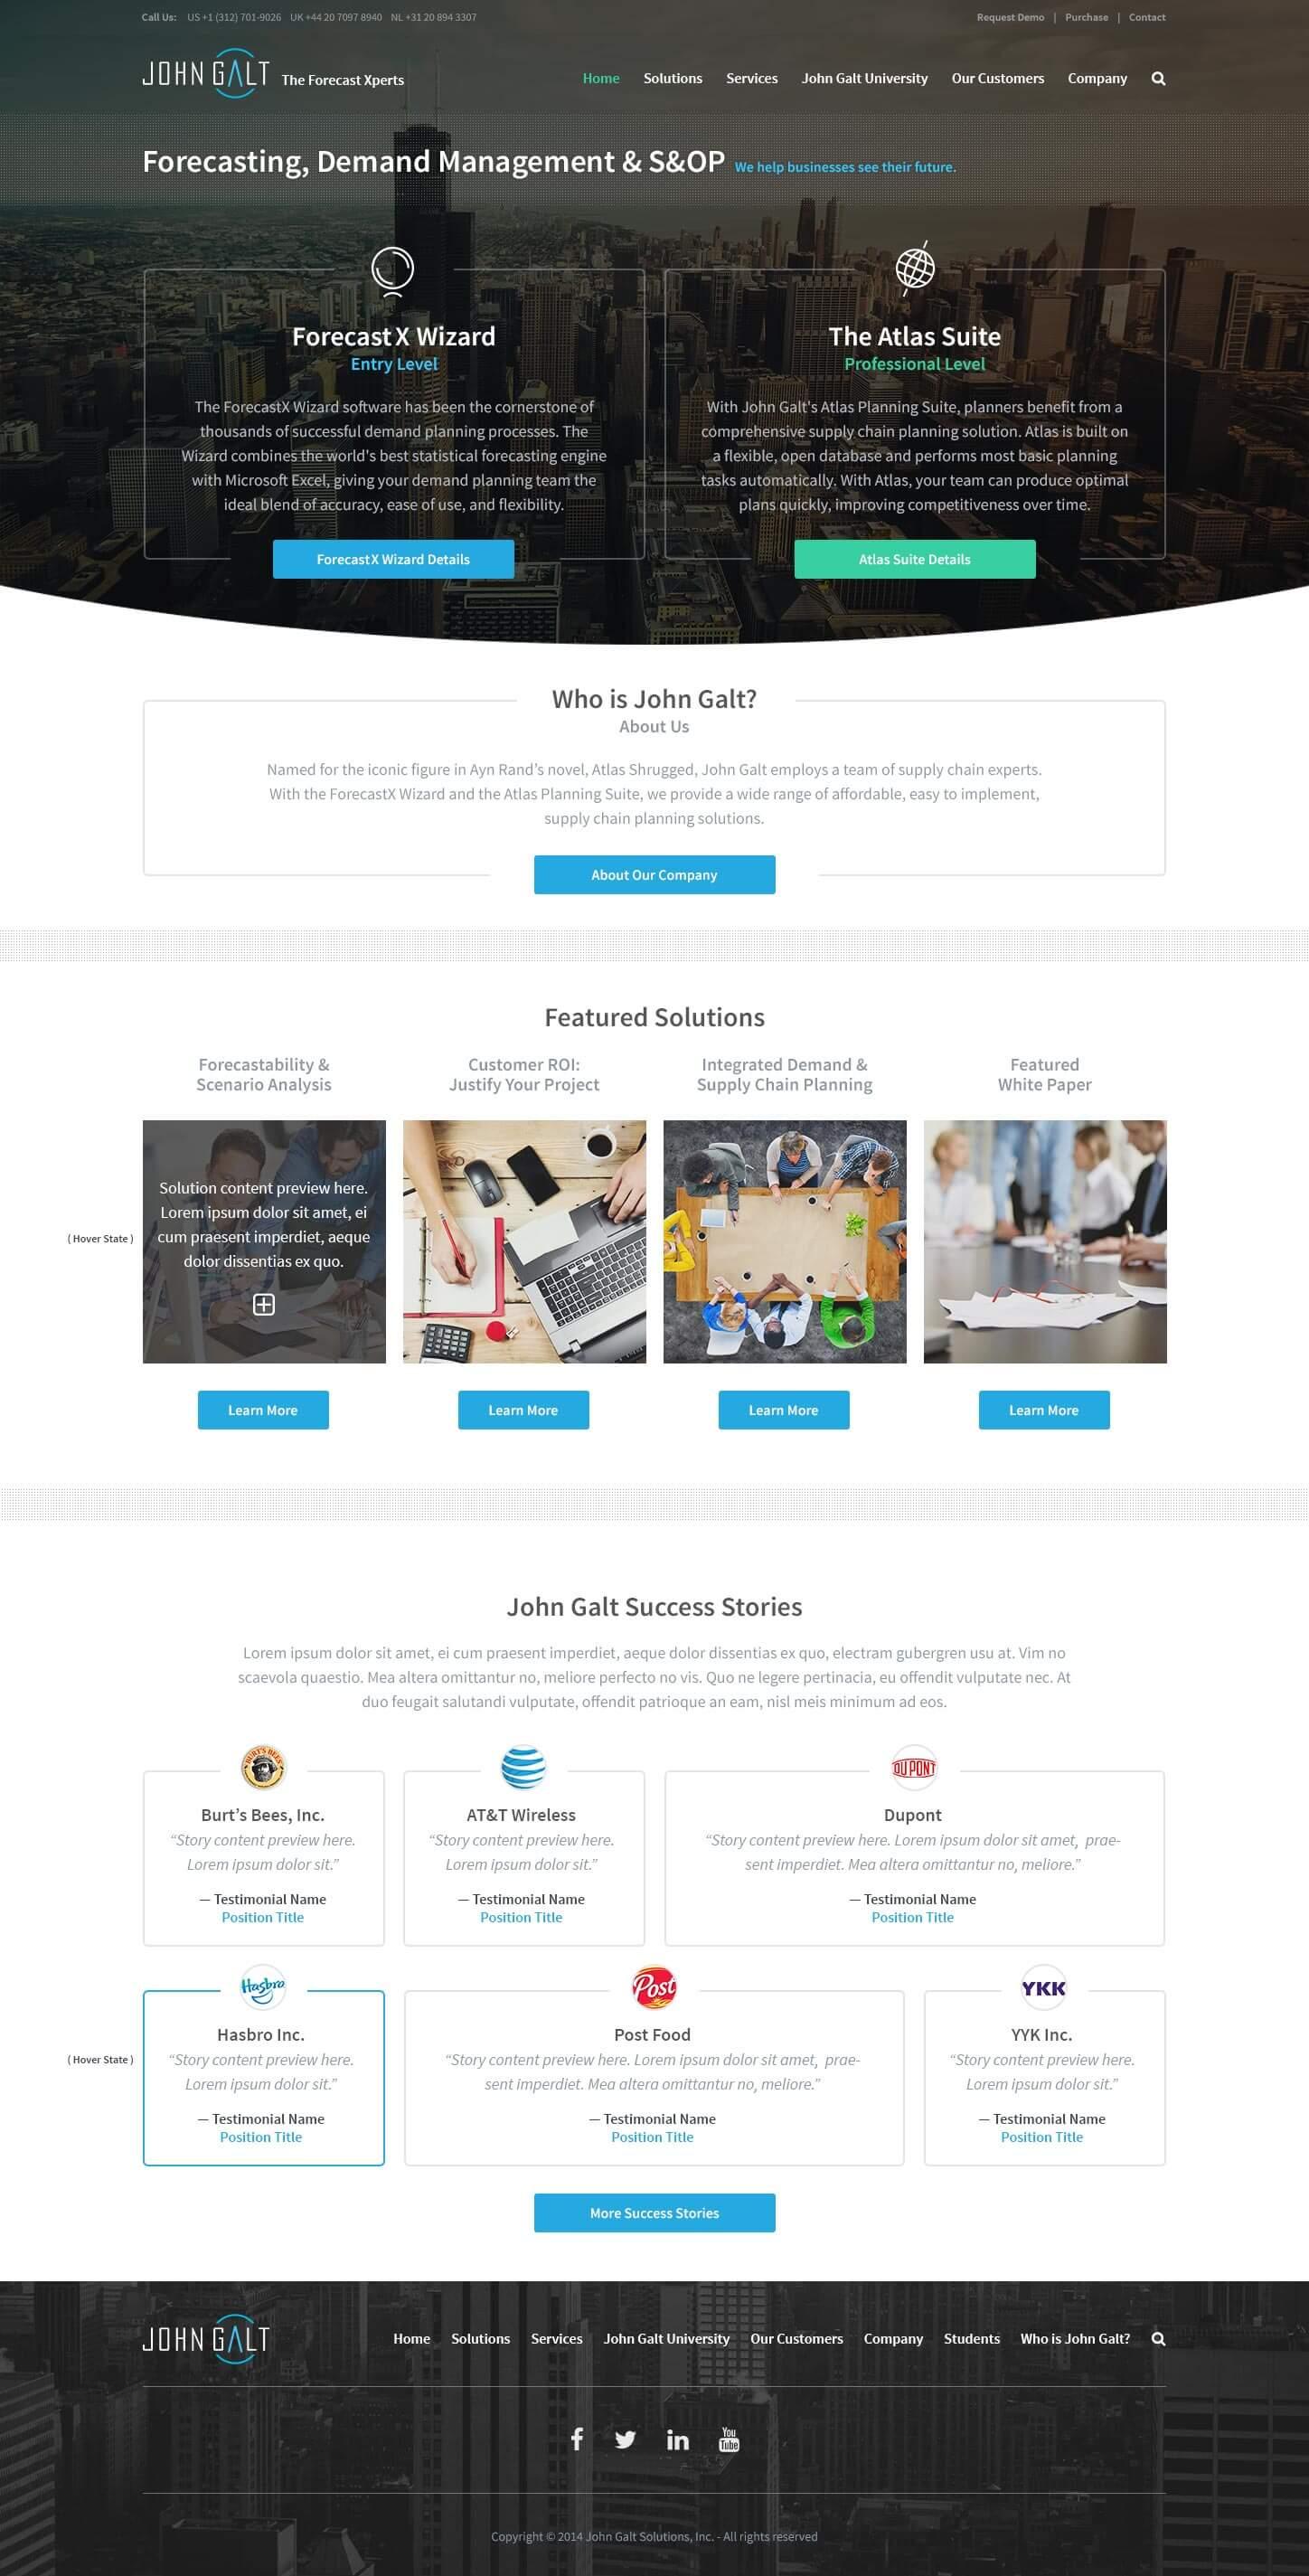 John Galt home page design